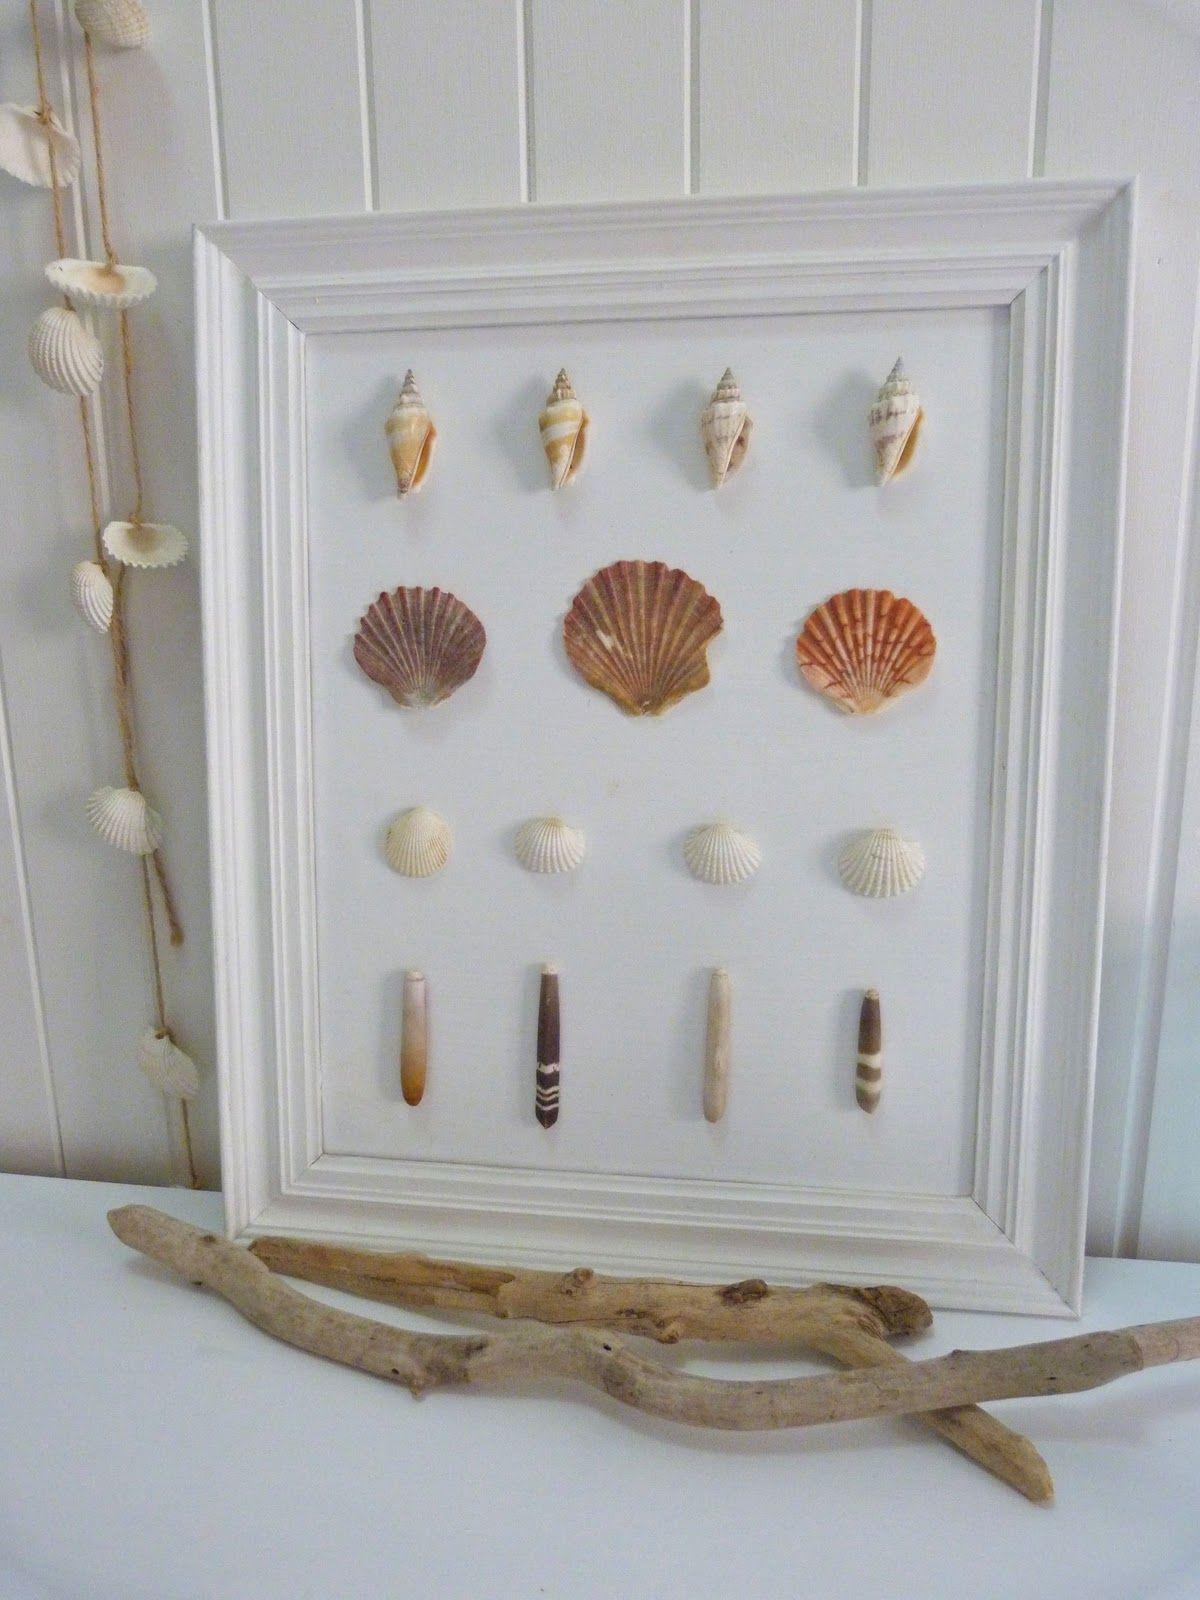 Badezimmer dekor bastelideen framed shells  seashells stones u sands  pinterest  schwemmholz